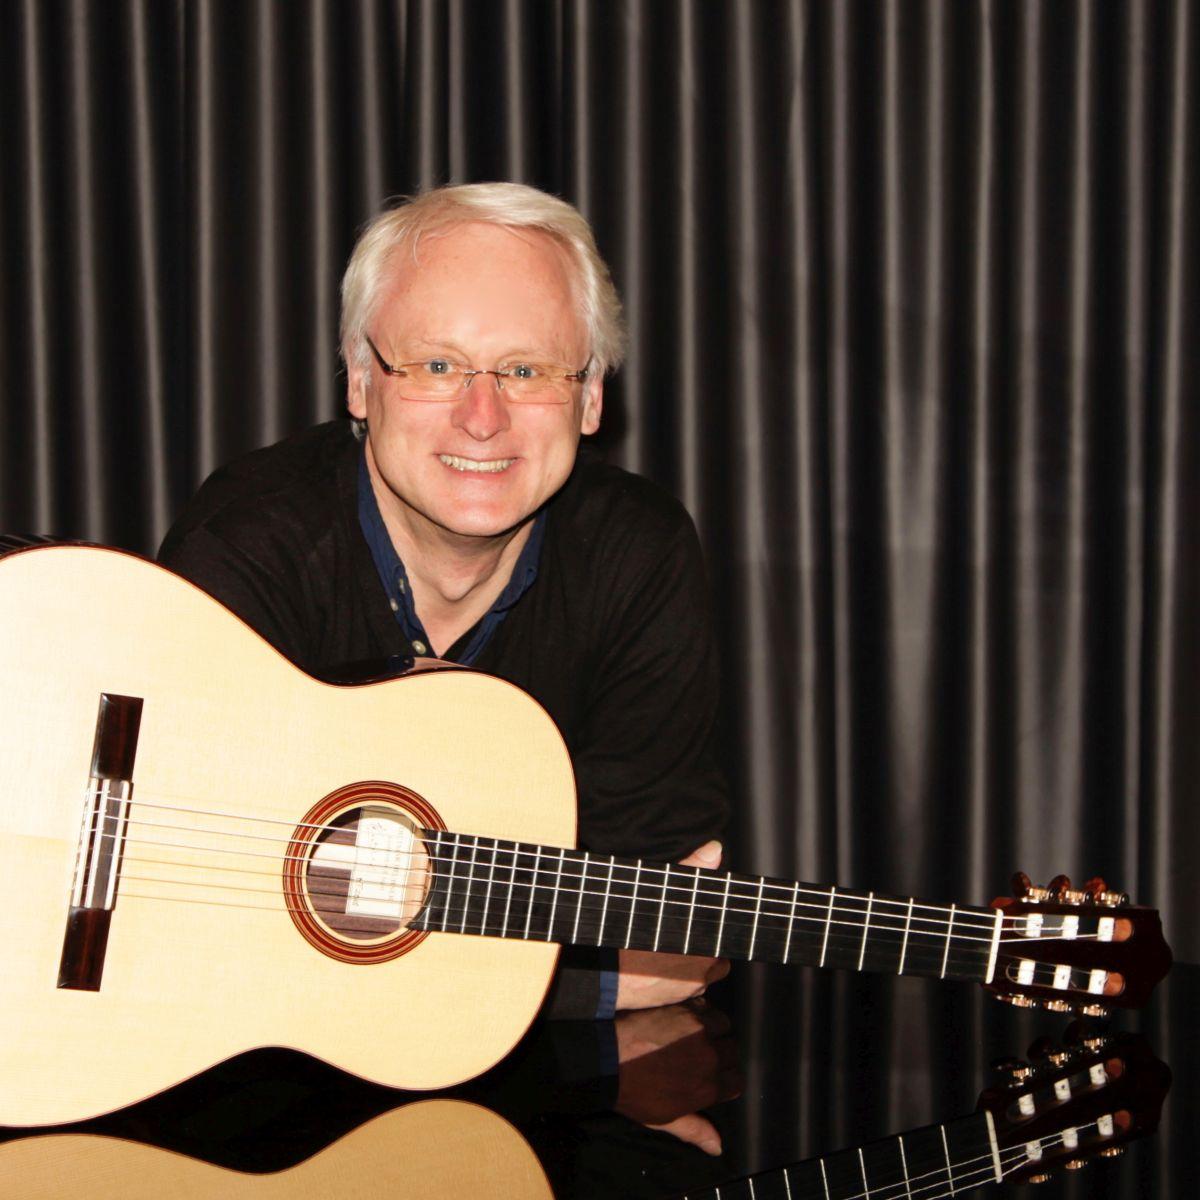 Bild von Peter Woelke mit Gitarre